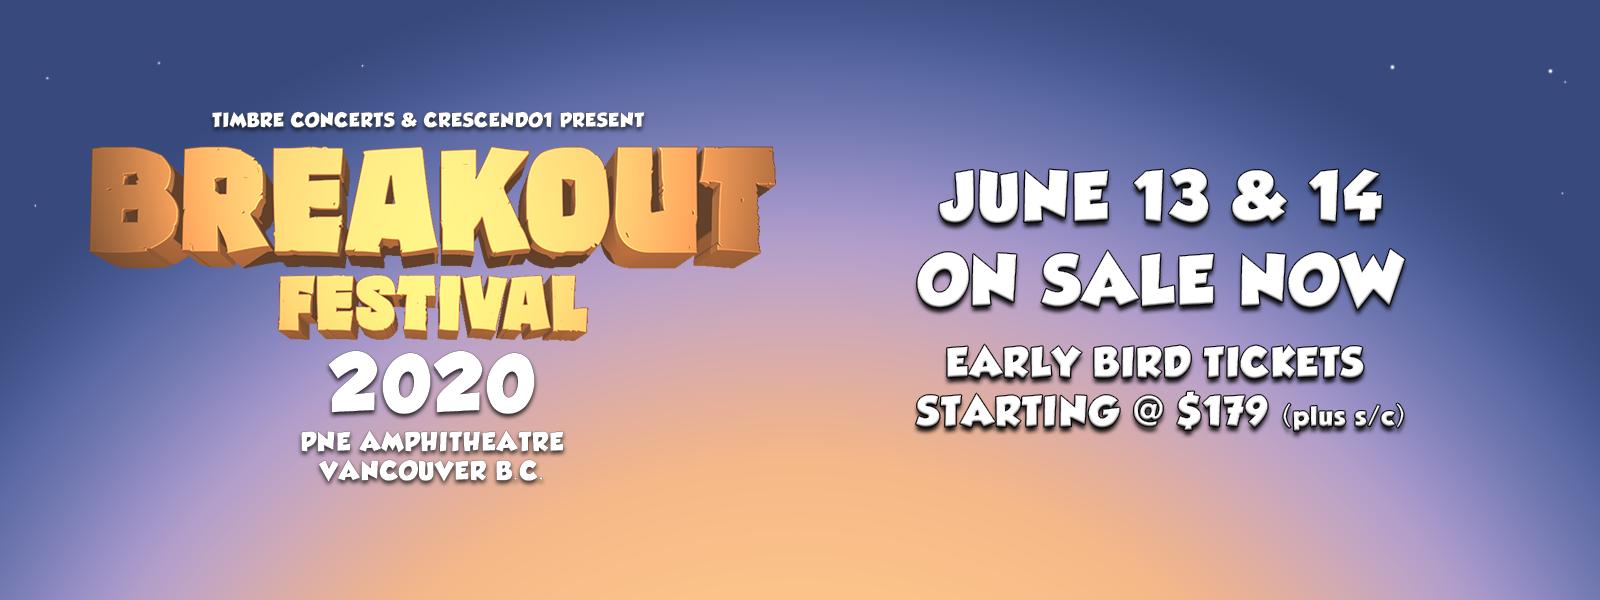 Breakout - June 13 & 14, 2020 at the PNE Amphitheatre Vancouver